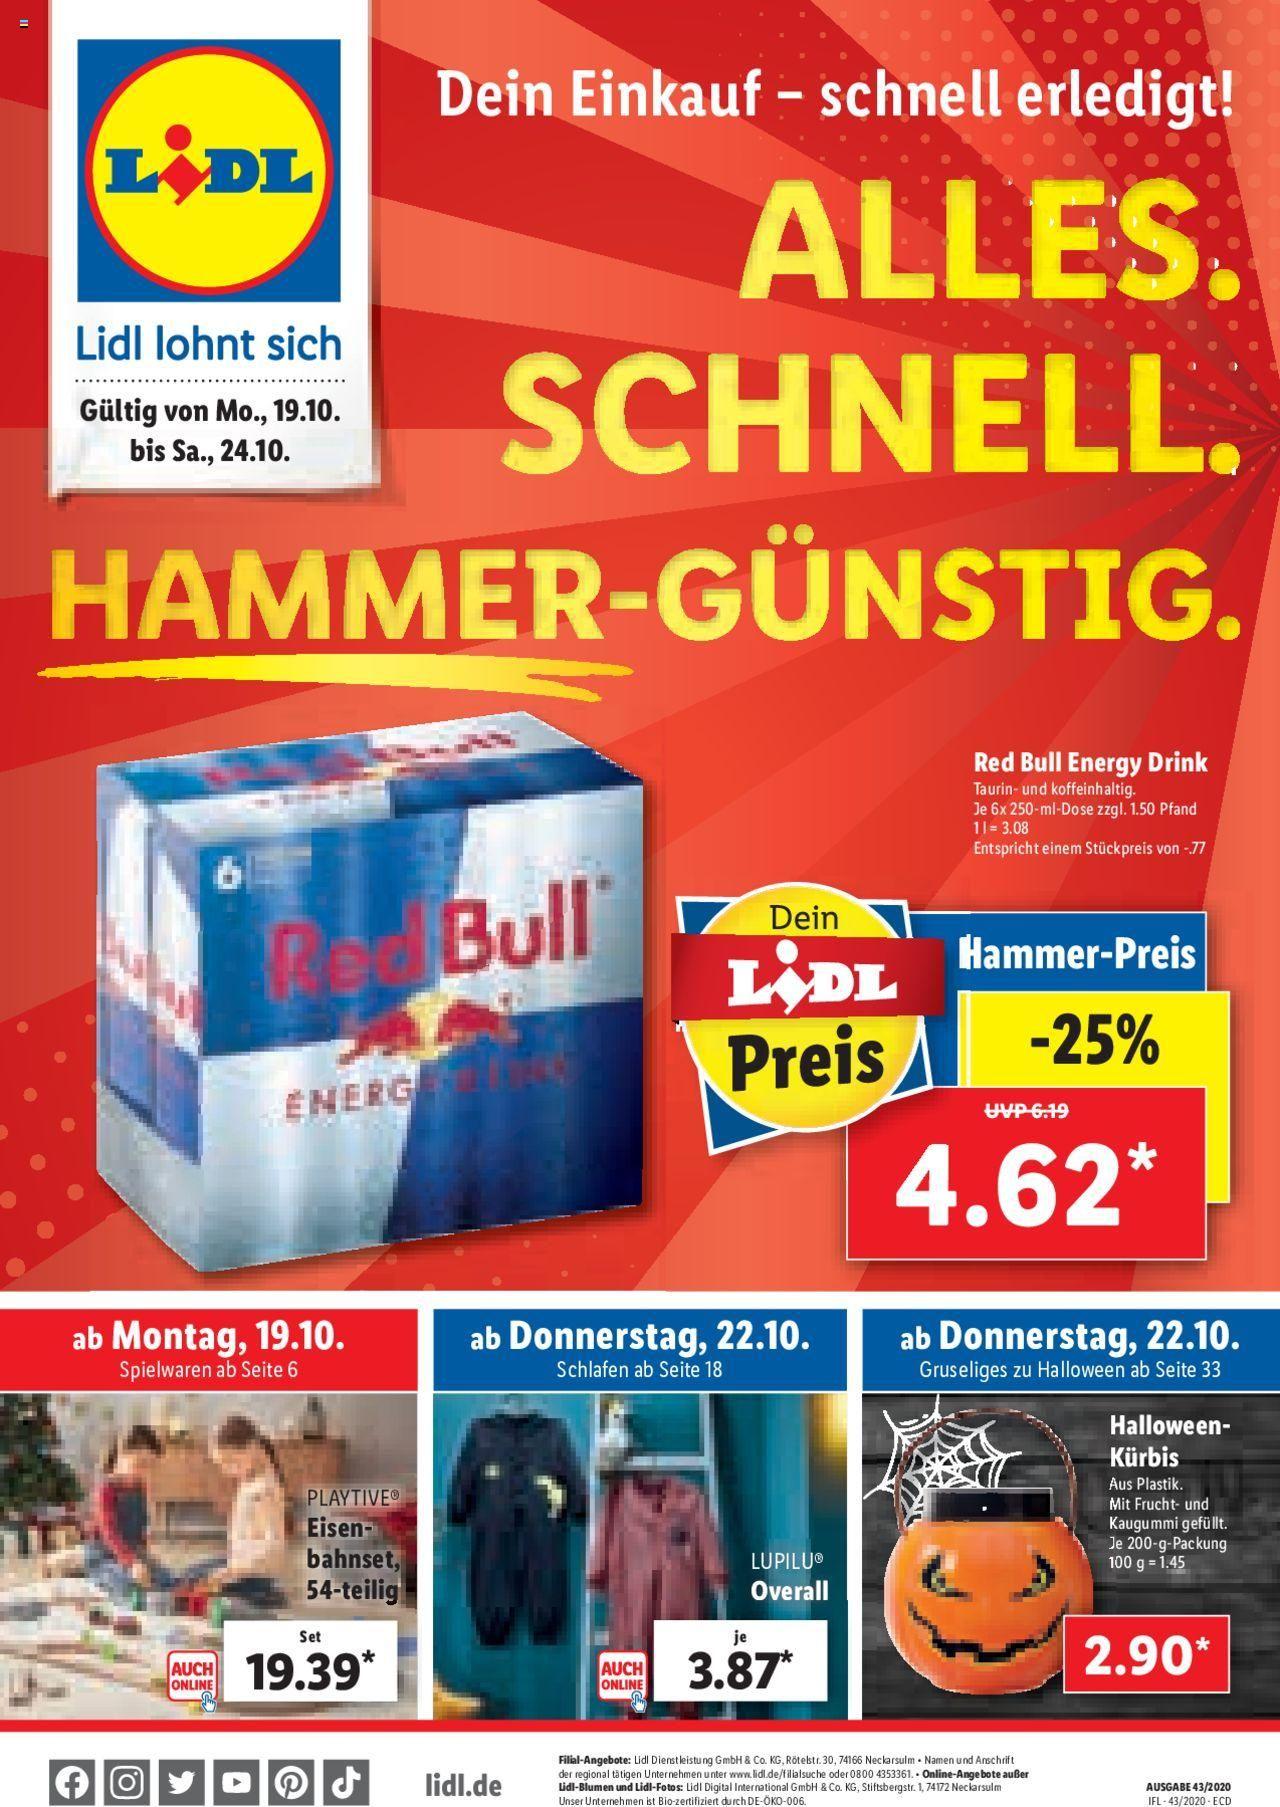 [grensdeal] 6x red bull 250ml voor €4,62 (€0,77 per blik) LIDL Duitsland